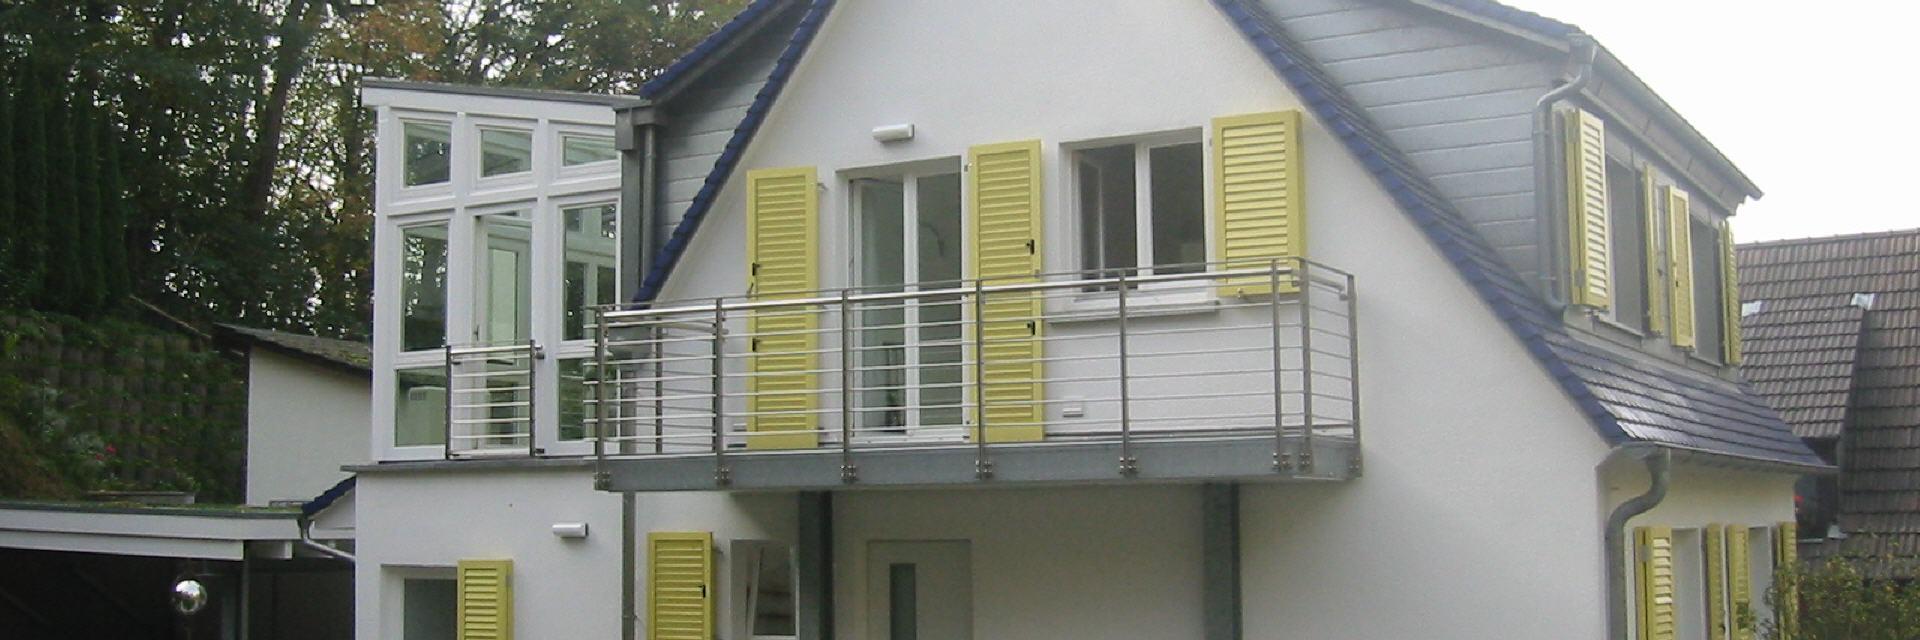 Wohngebäude, Umbauten, Sanierungen, Gutachterin, energetische ...